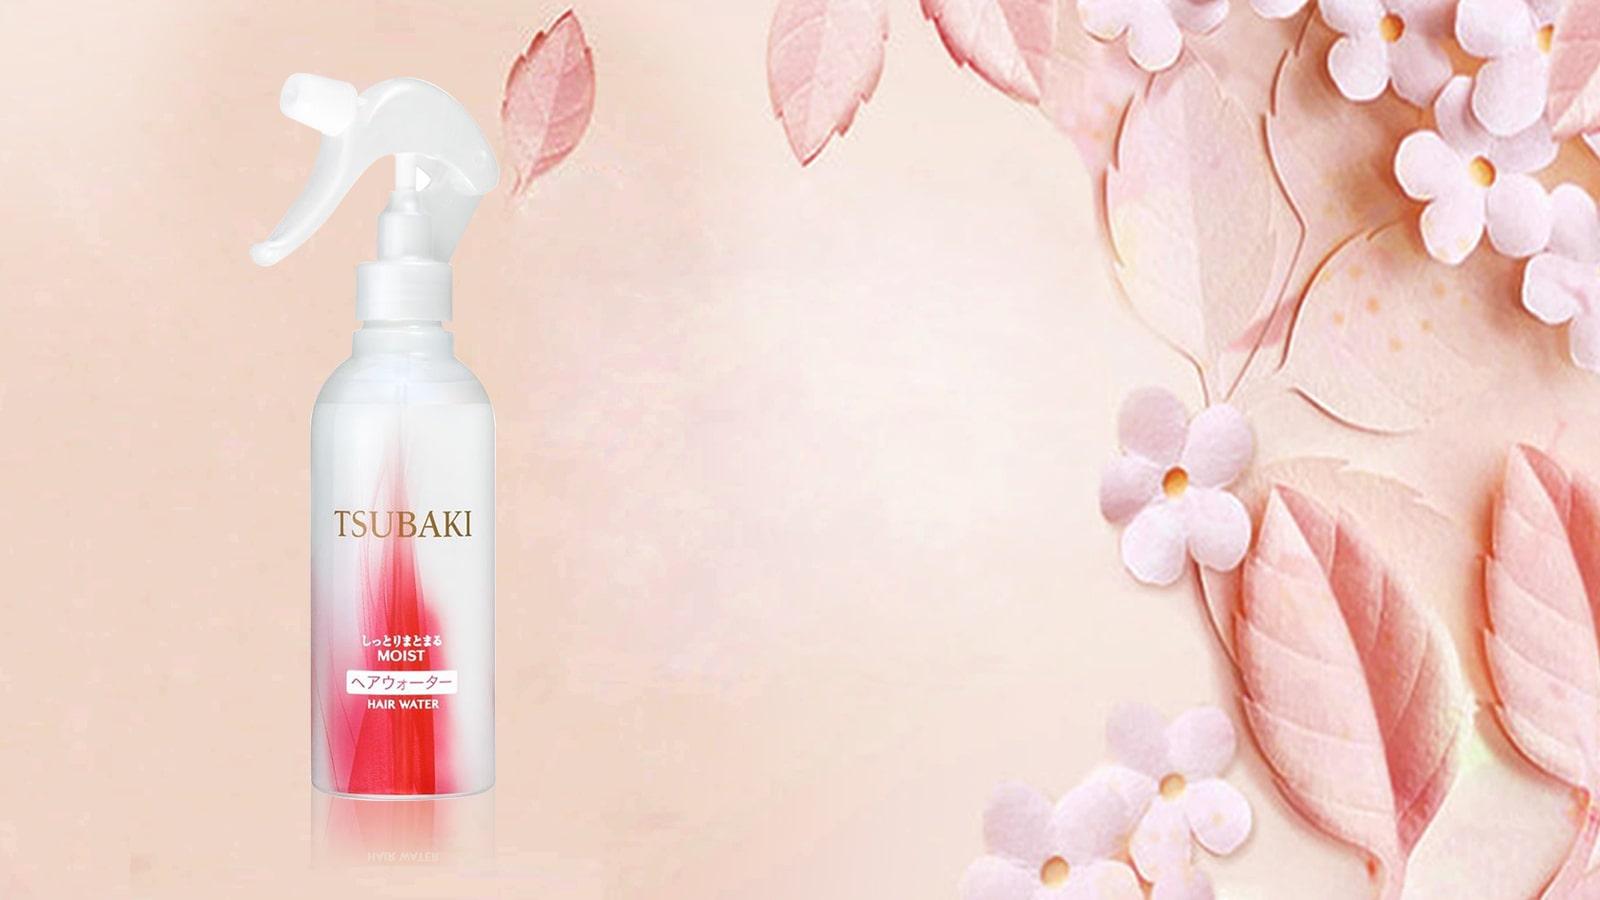 Kết quả hình ảnh cho xịt dưỡng tóc tsubaki của shiseido moist